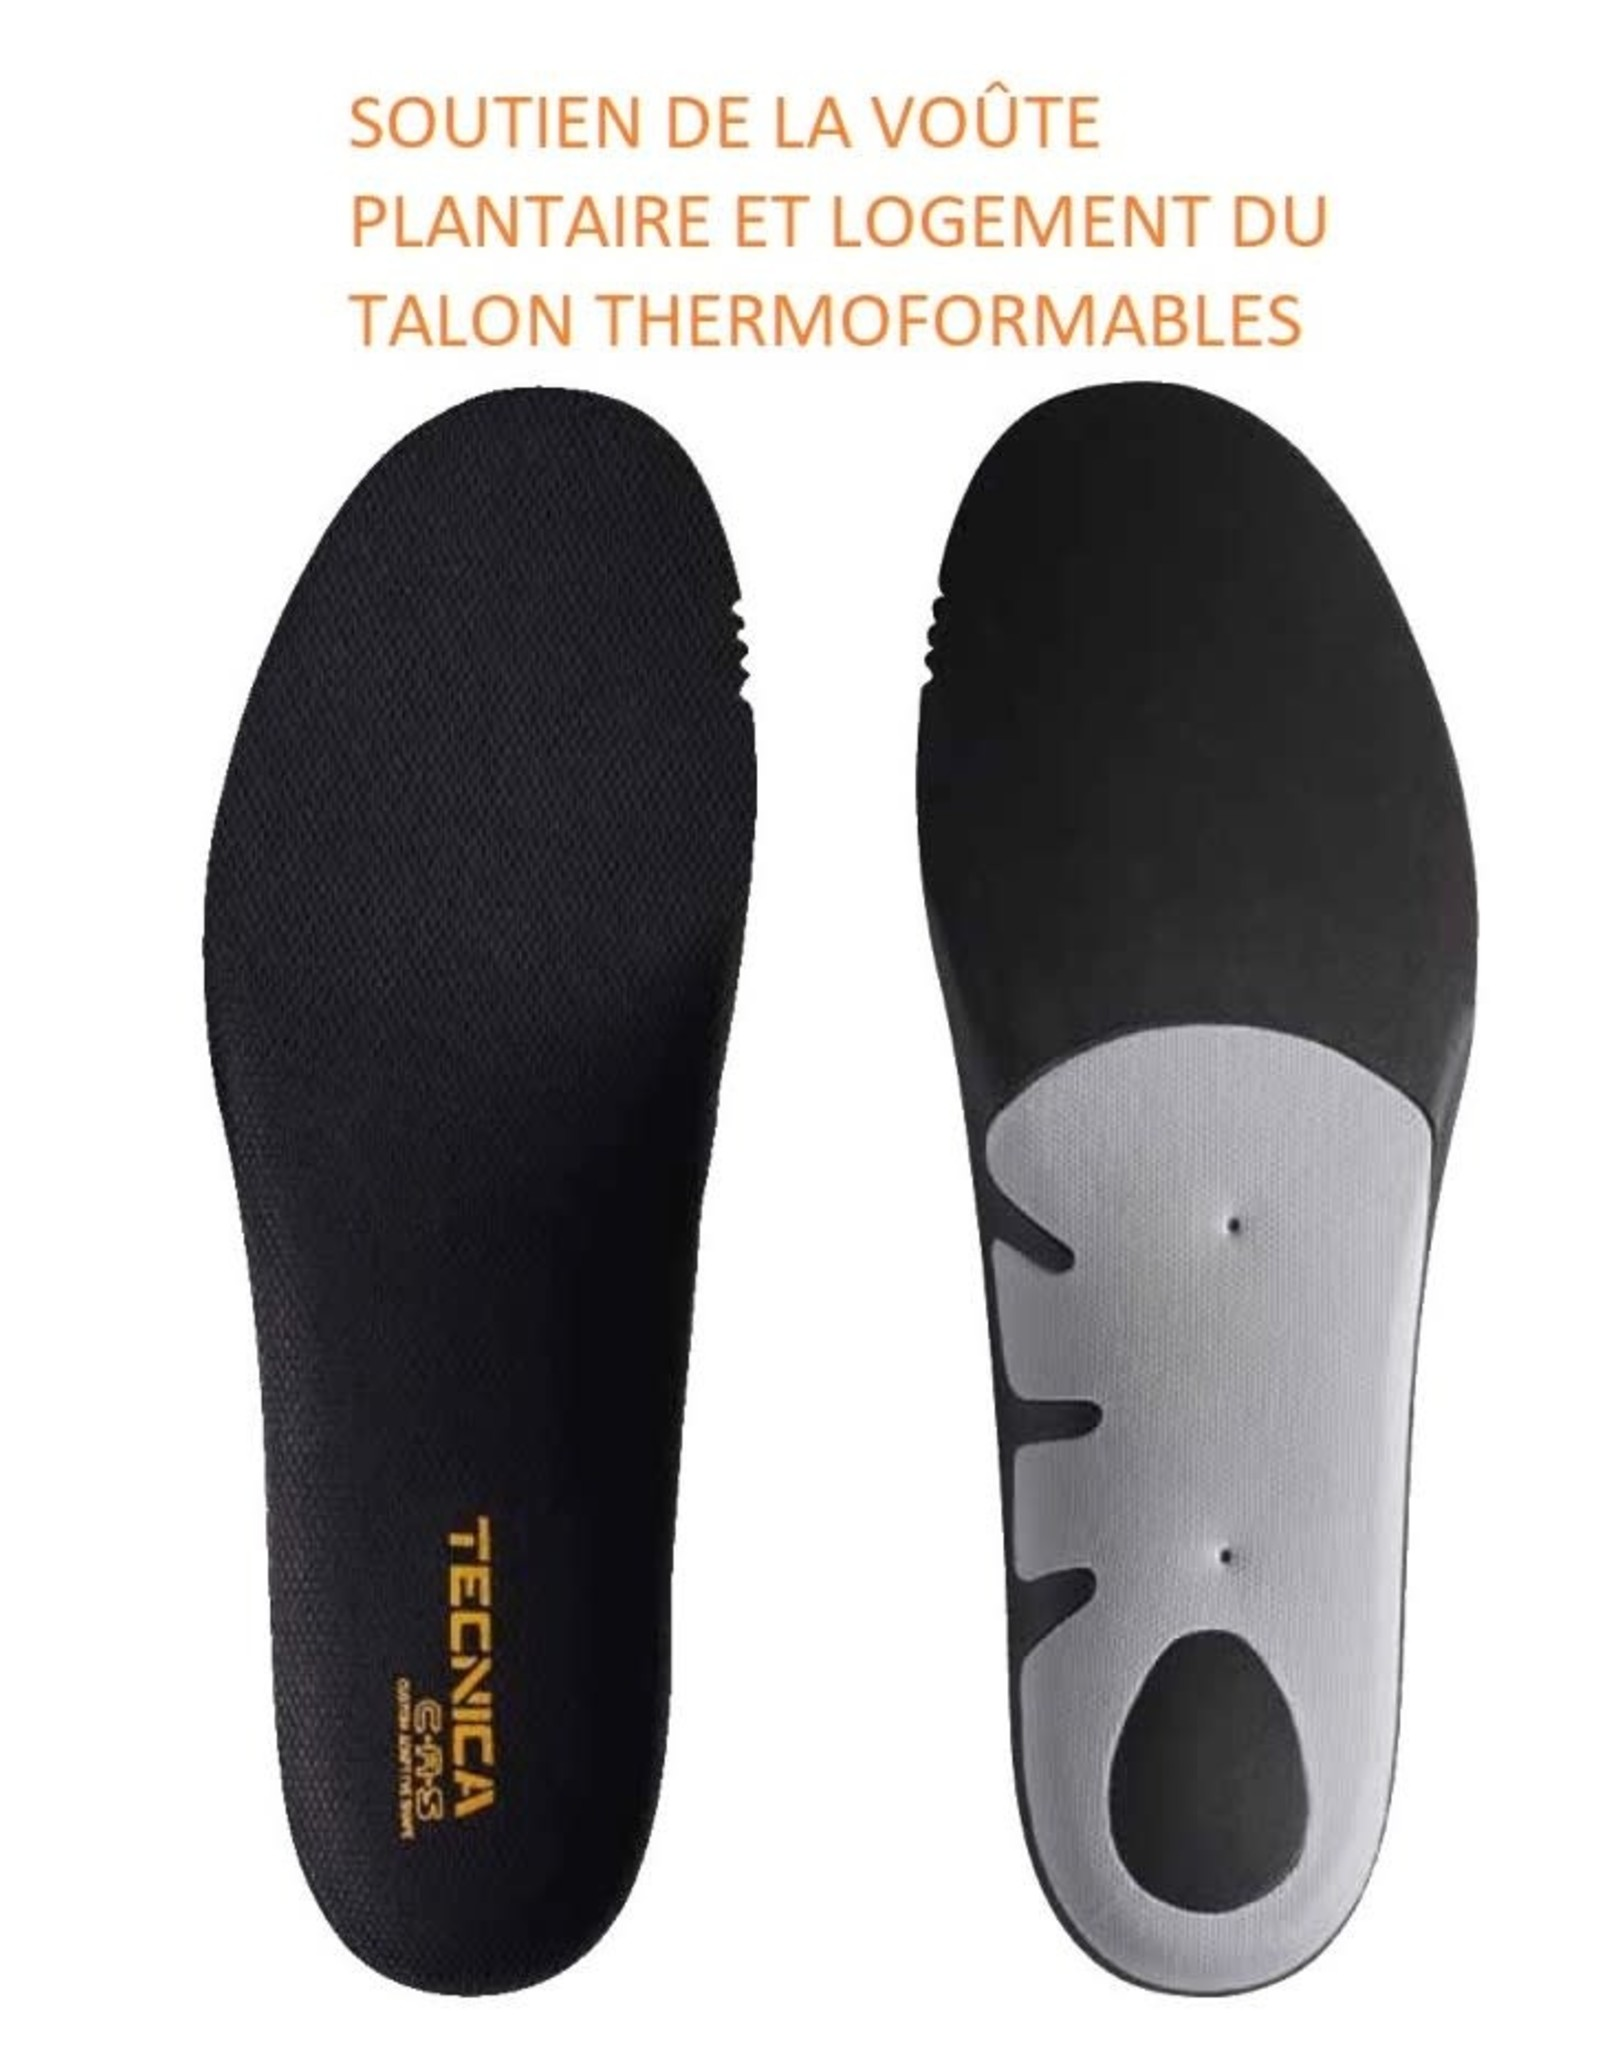 Tecnica Chaussure Tecnica Origin LT - Femme